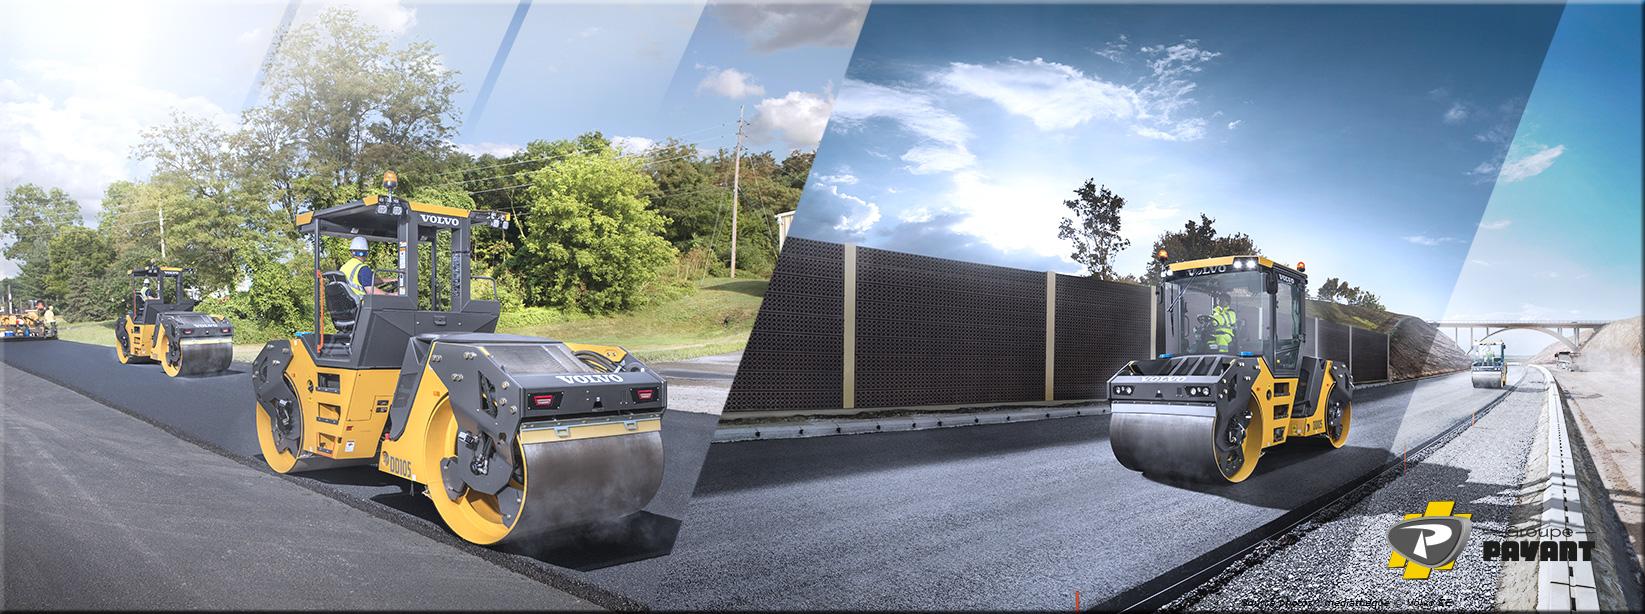 Images Compacteurs d'Asphalte Volvo - Groupe Payant